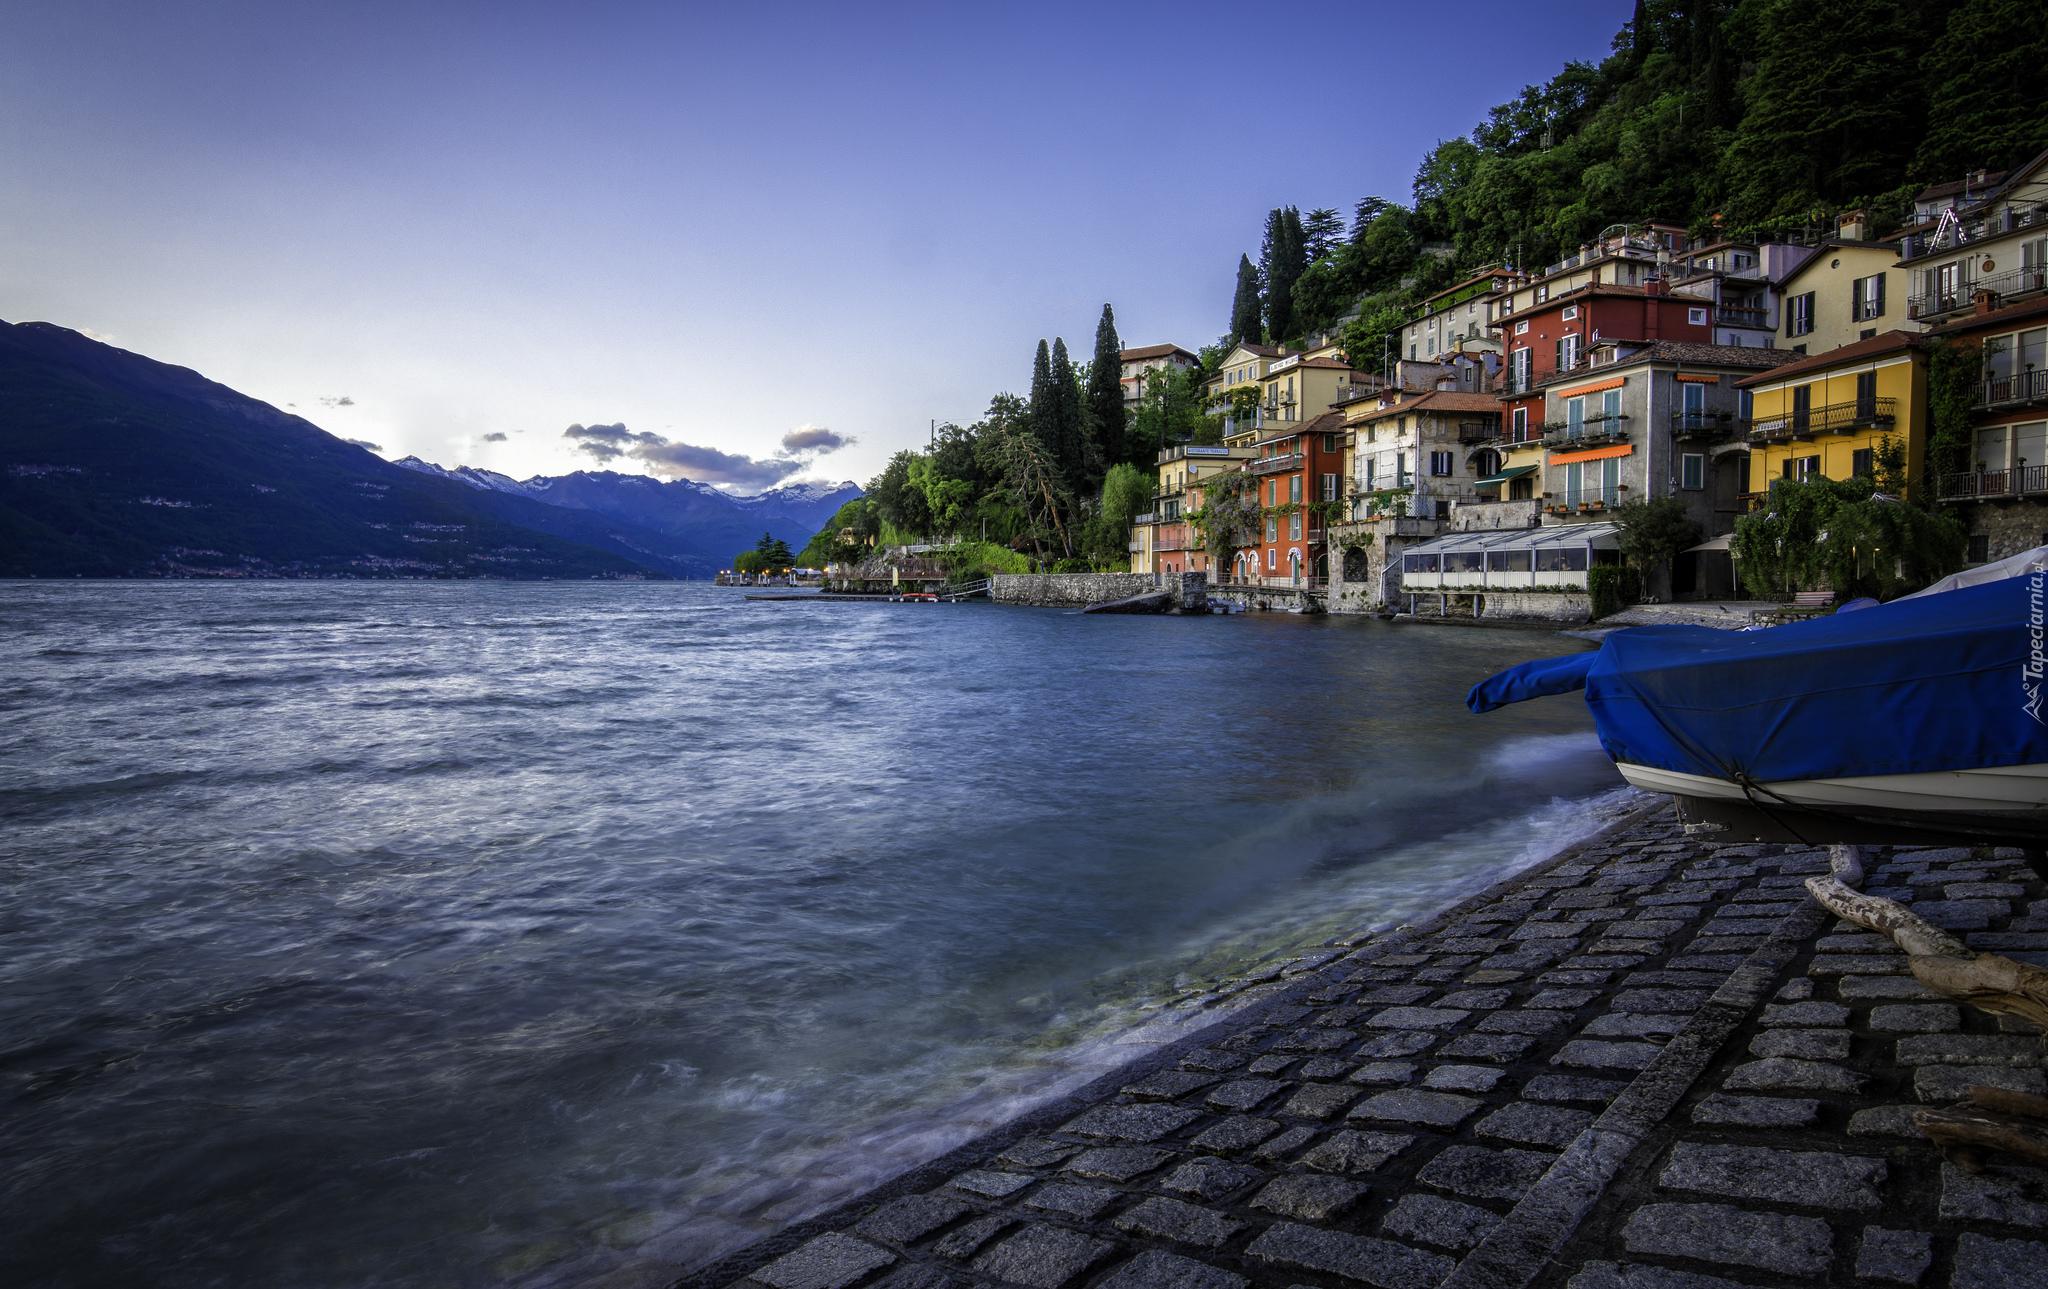 Озеро комо фото высокого разрешения